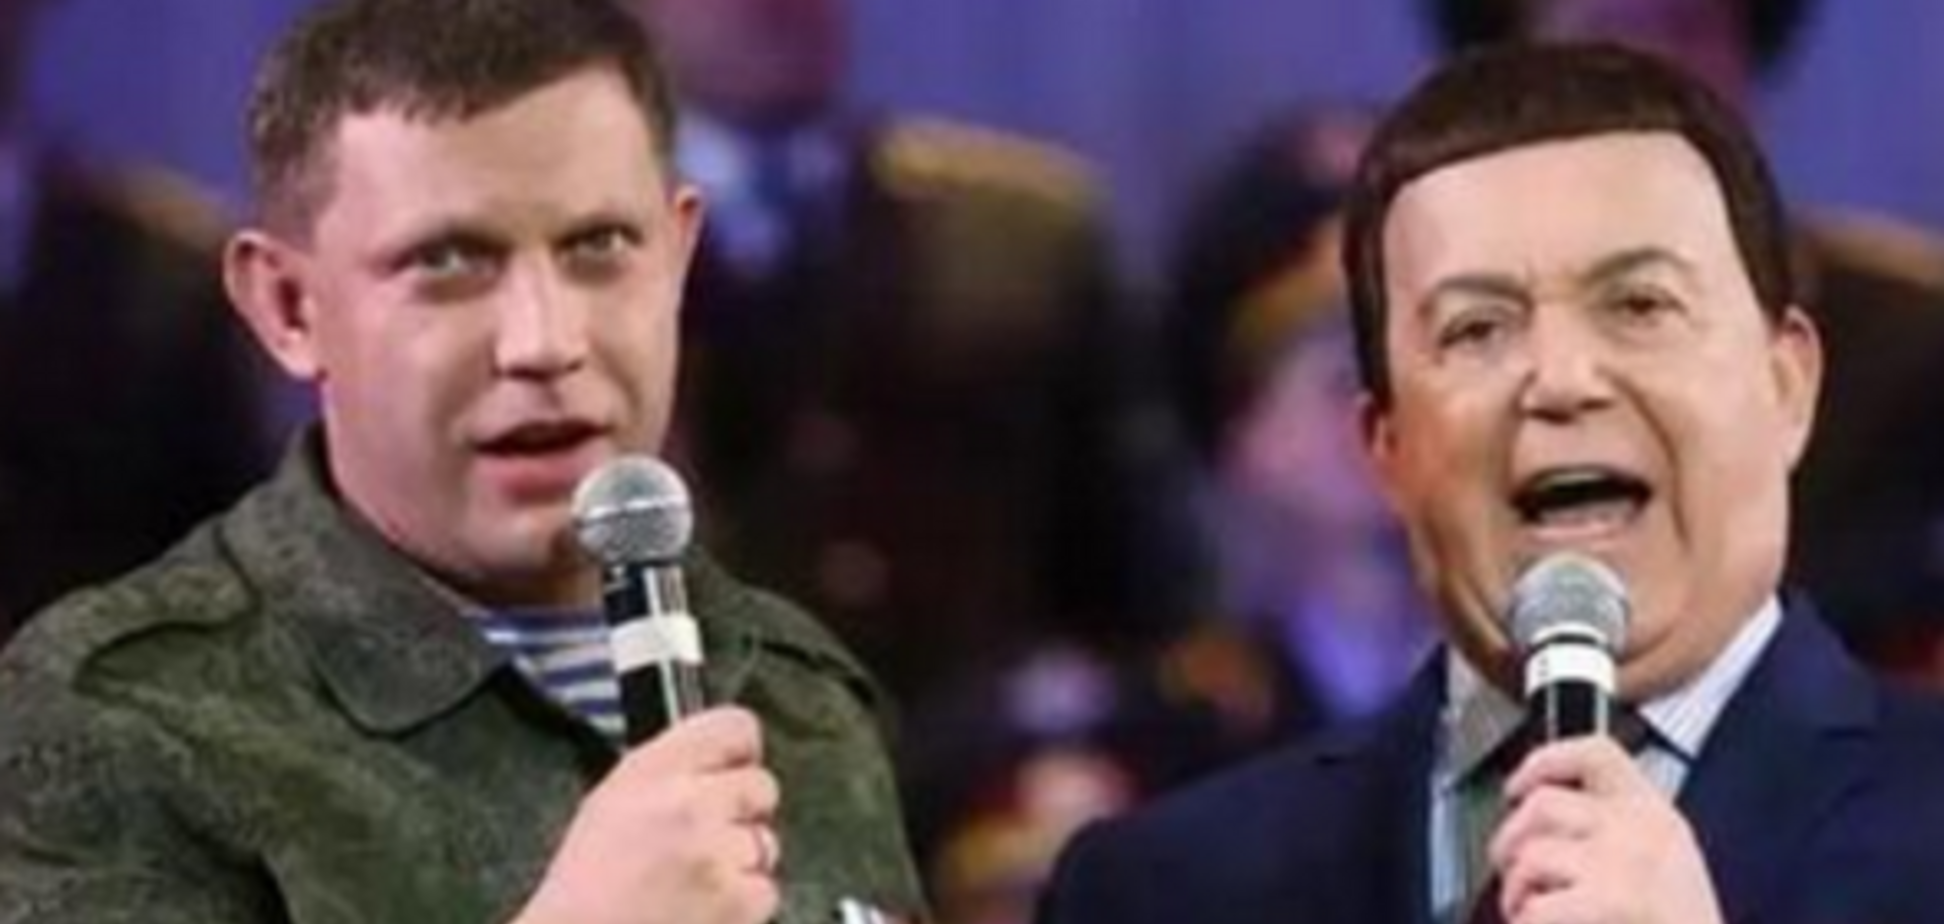 Появилось видео, как в Донецке 'мафиози' Кобзон спел дуэтом с террористом Захарченко